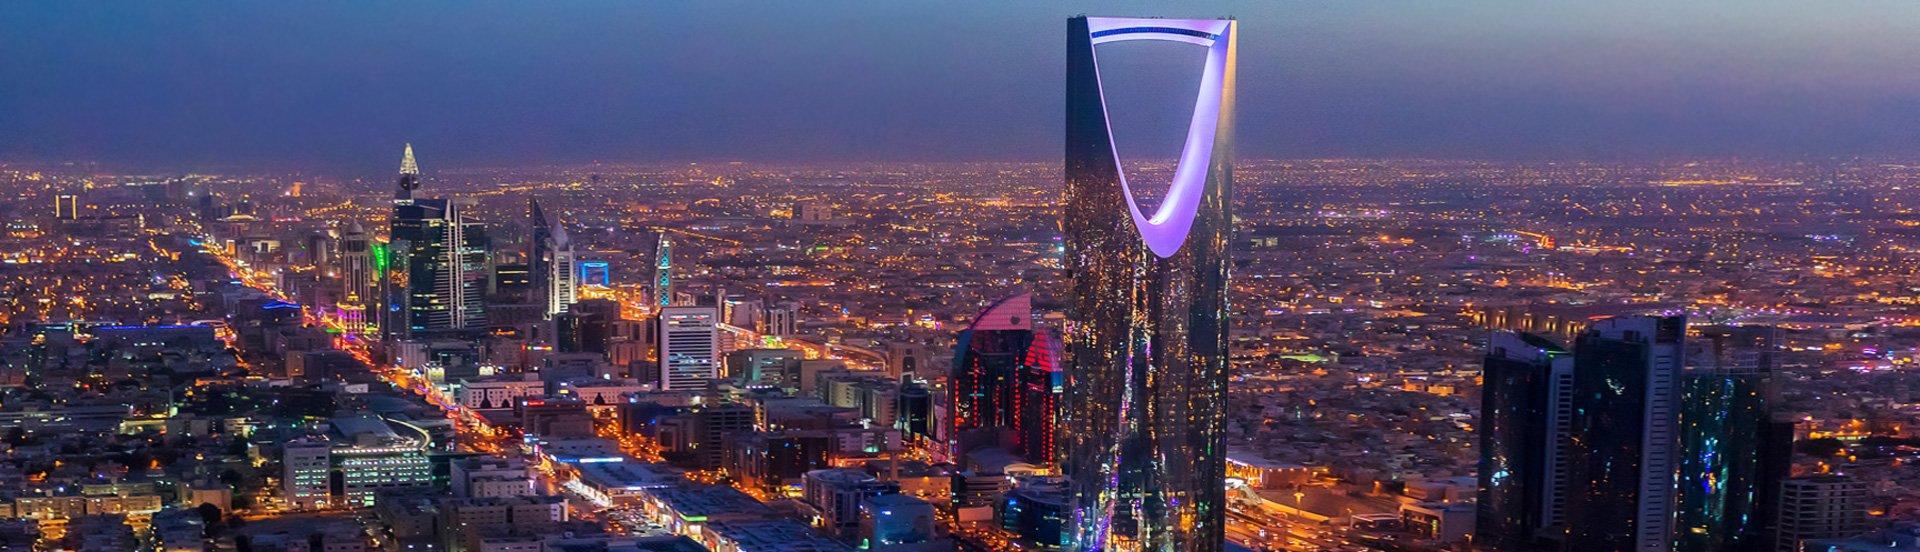 kingsmill KSA